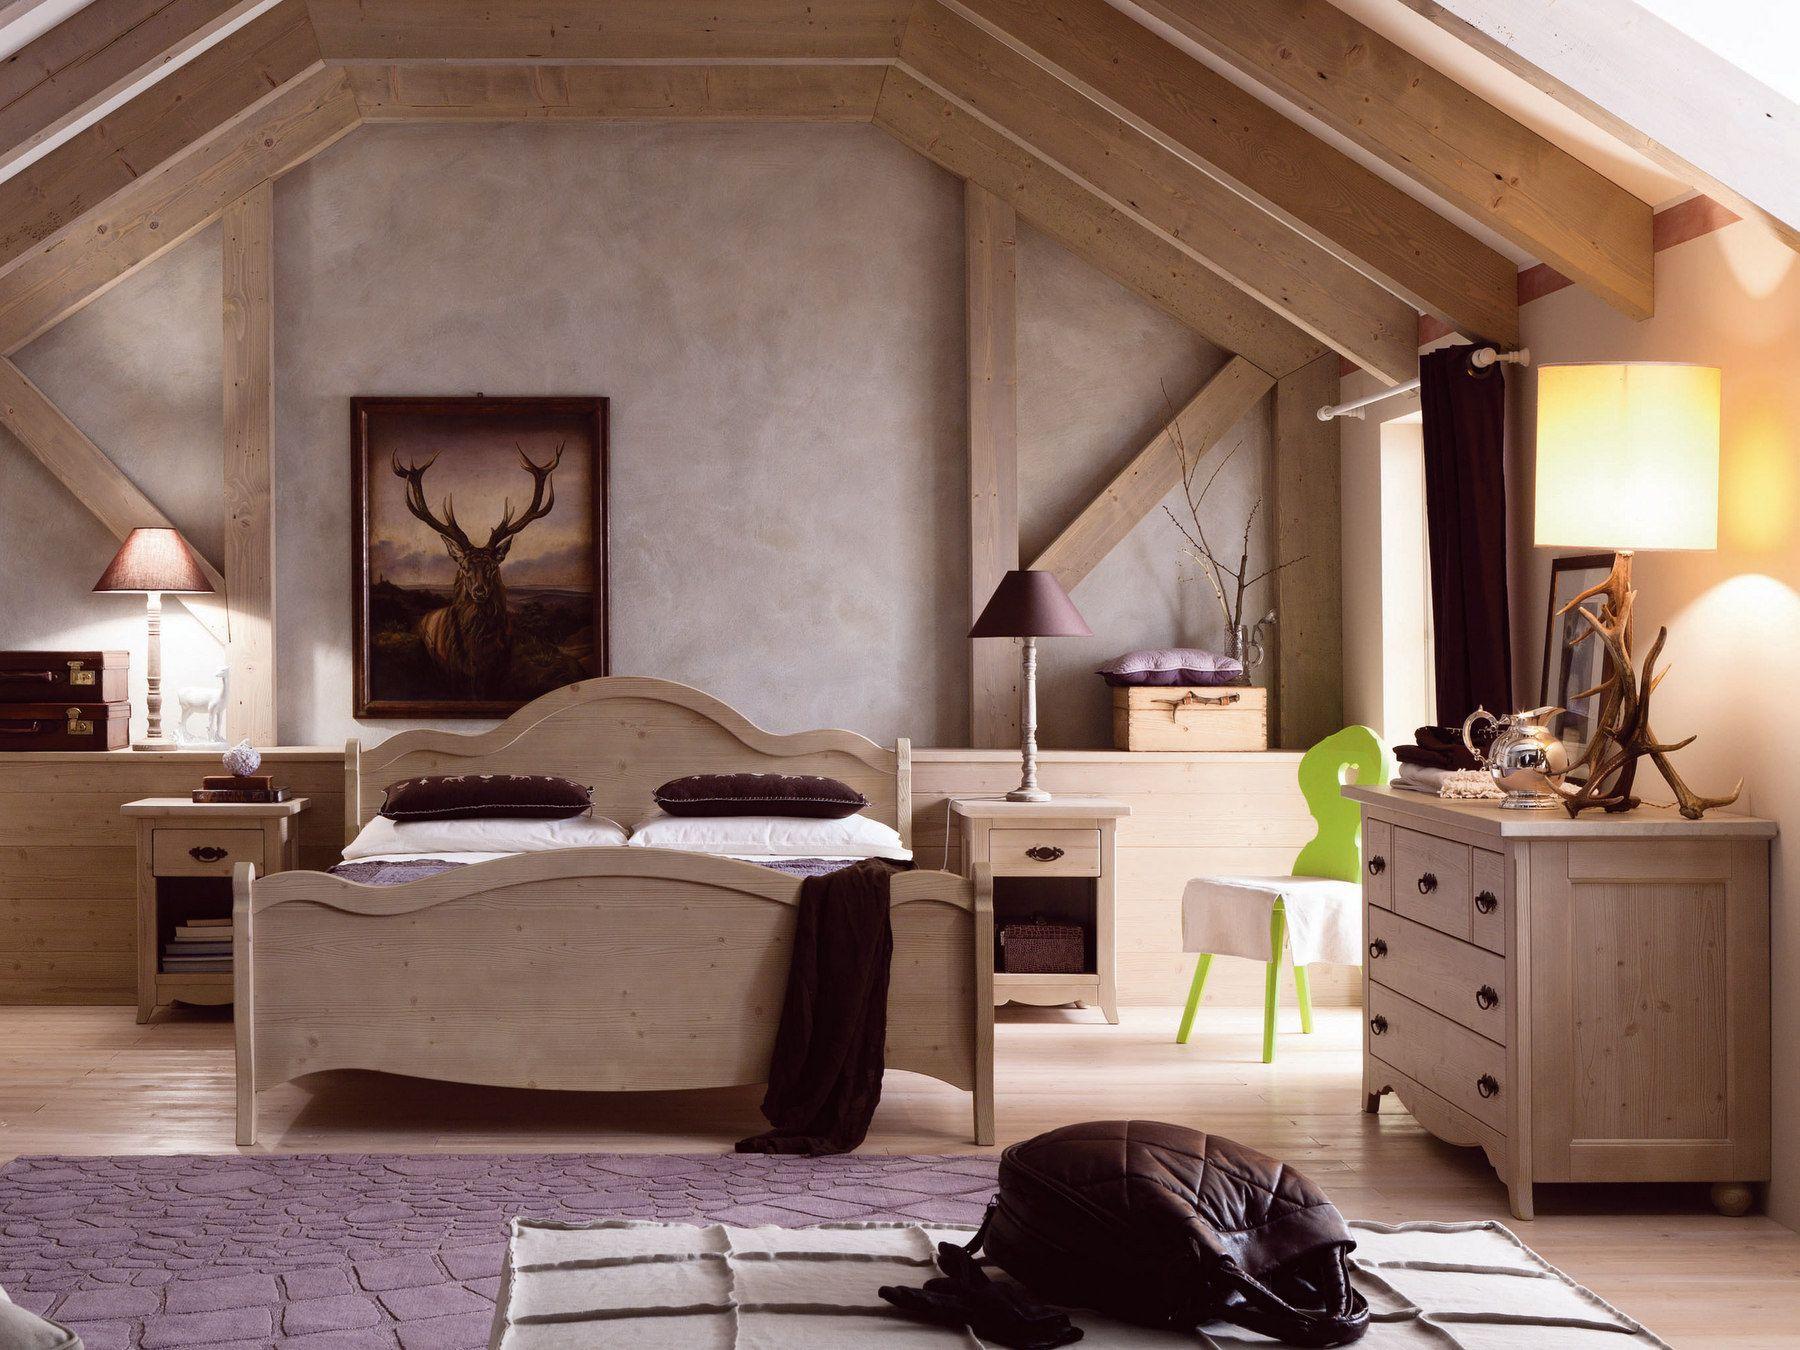 ... mobil .... Camera da letto in legno tabiÀ t06 by scandola mobili